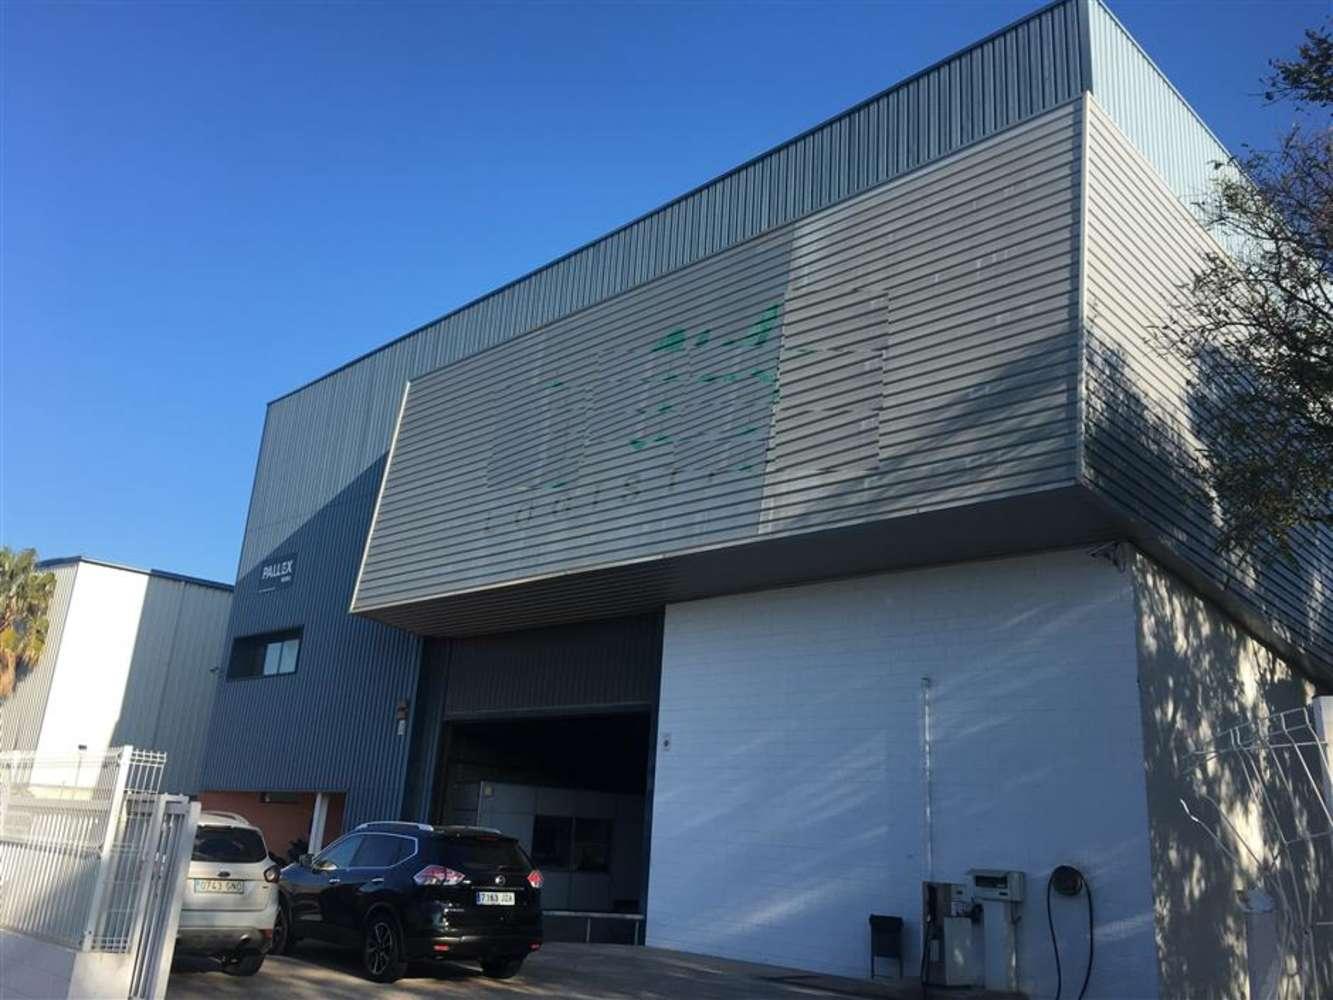 Naves industriales y logísticas Viladecans, 08840 - Nave Logística - B0451- PI CAN CALDERON - 10519